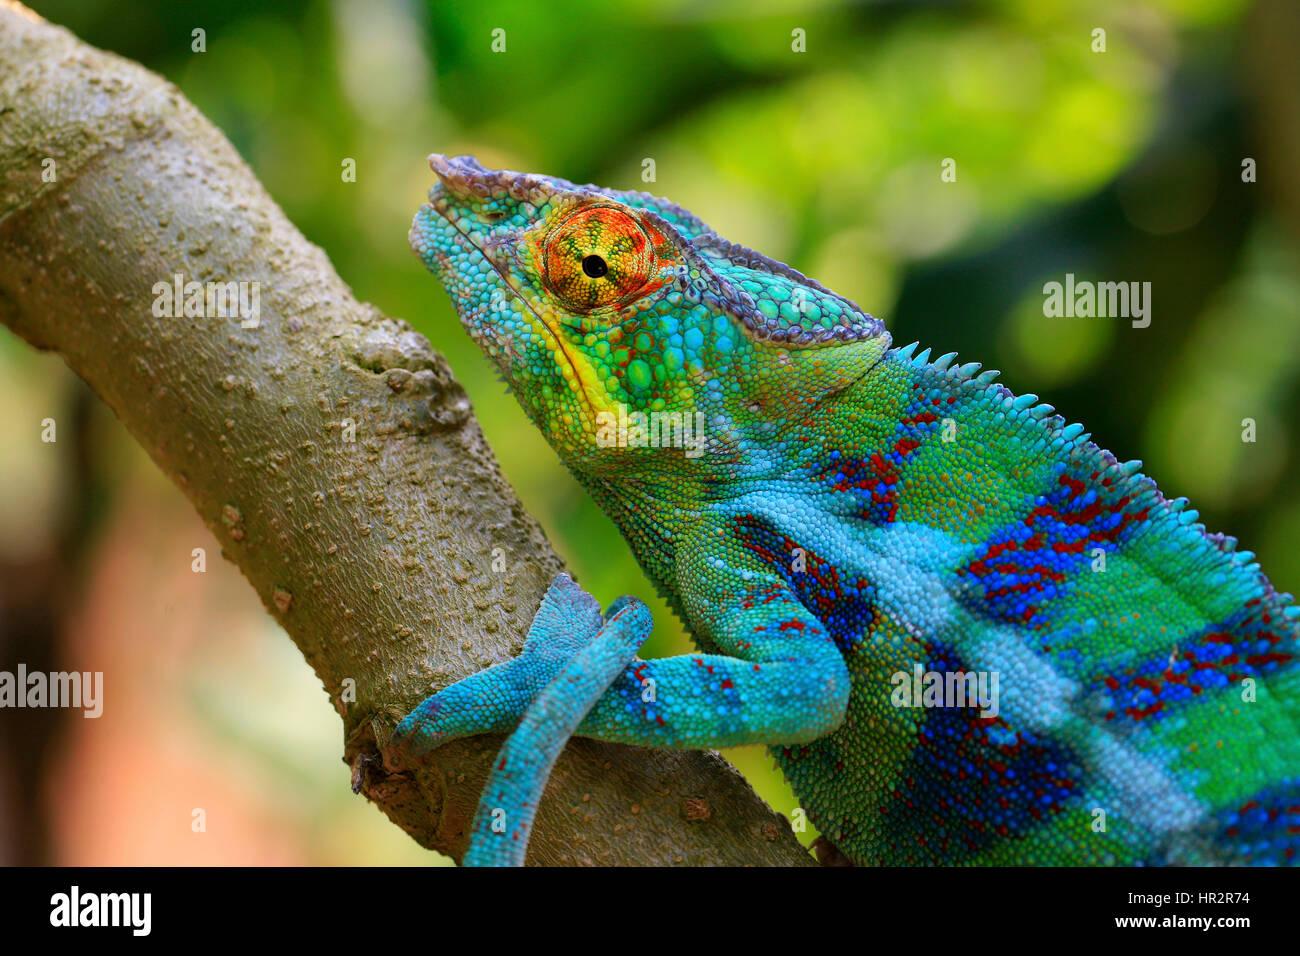 Panther Chameleon, Furcifer pardalis, Peyreiras Reptile Park, MadagascarStock Photo